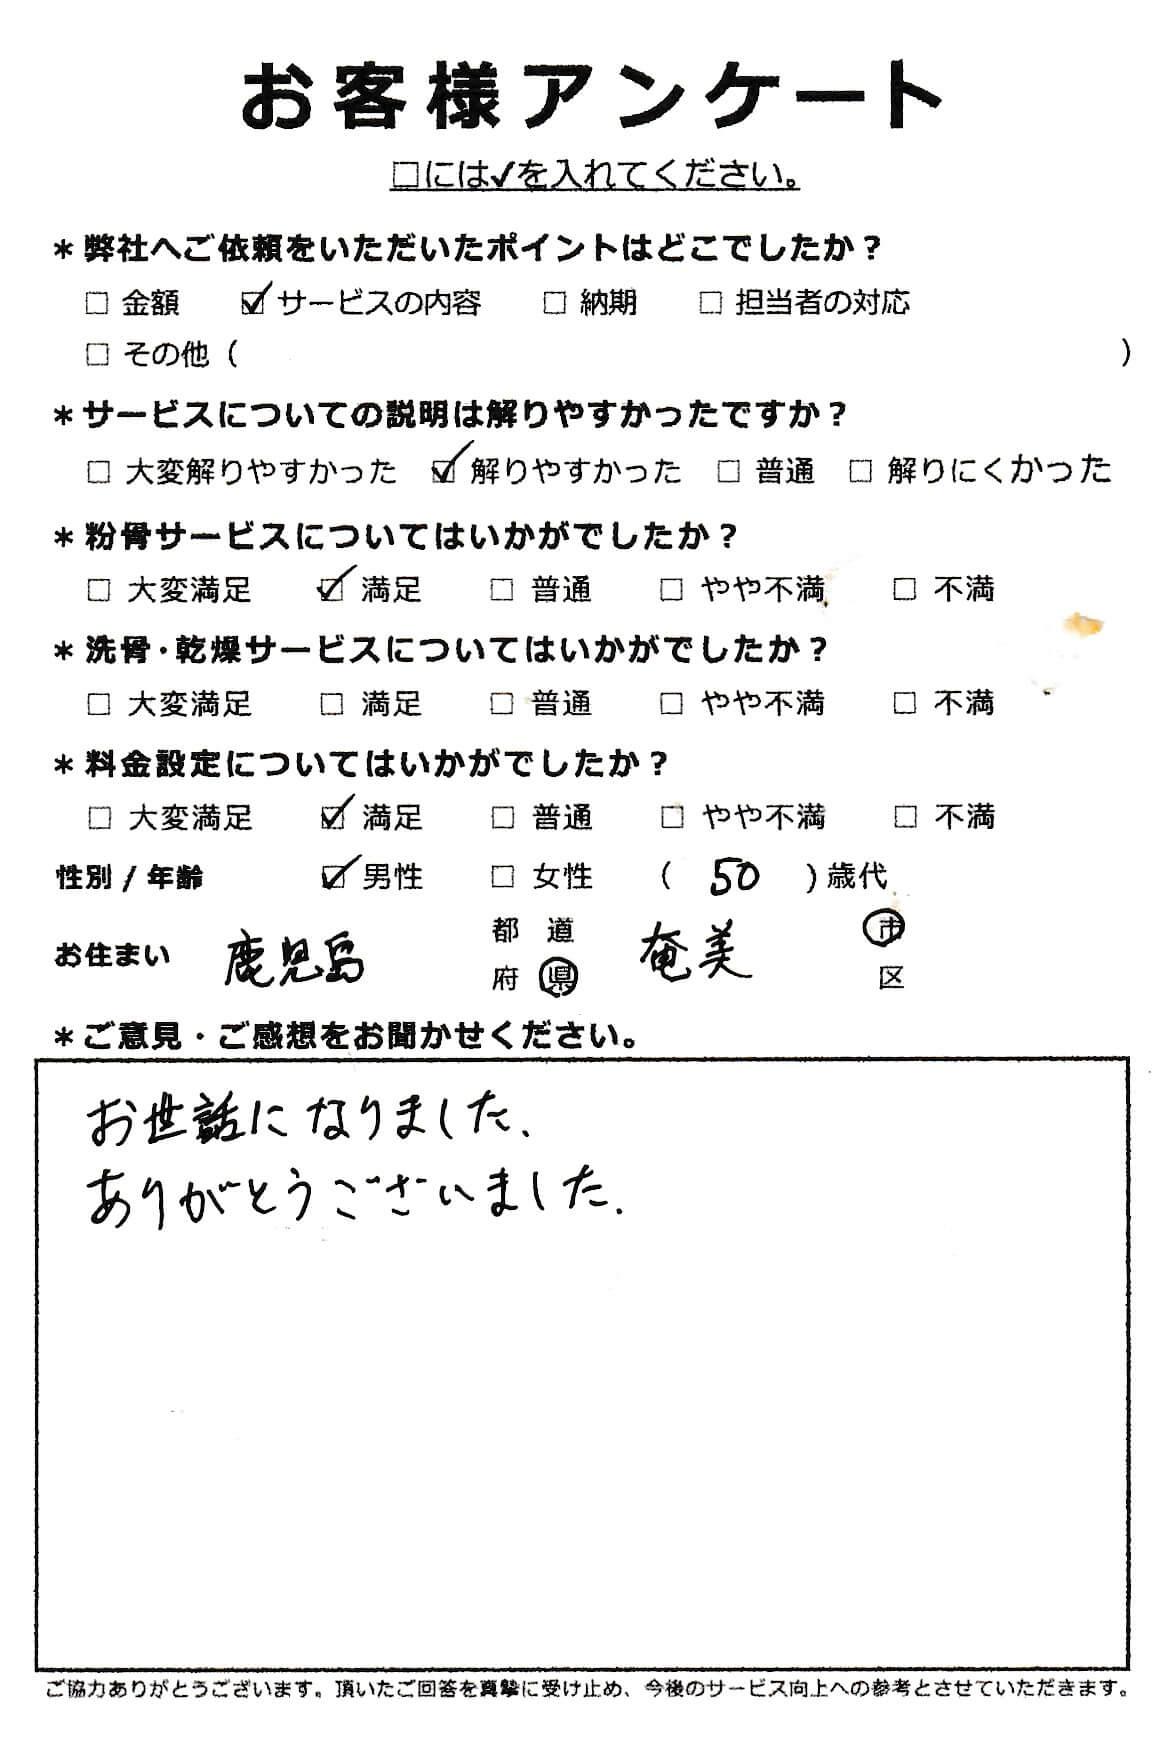 鹿児島県奄美市での粉骨サービス